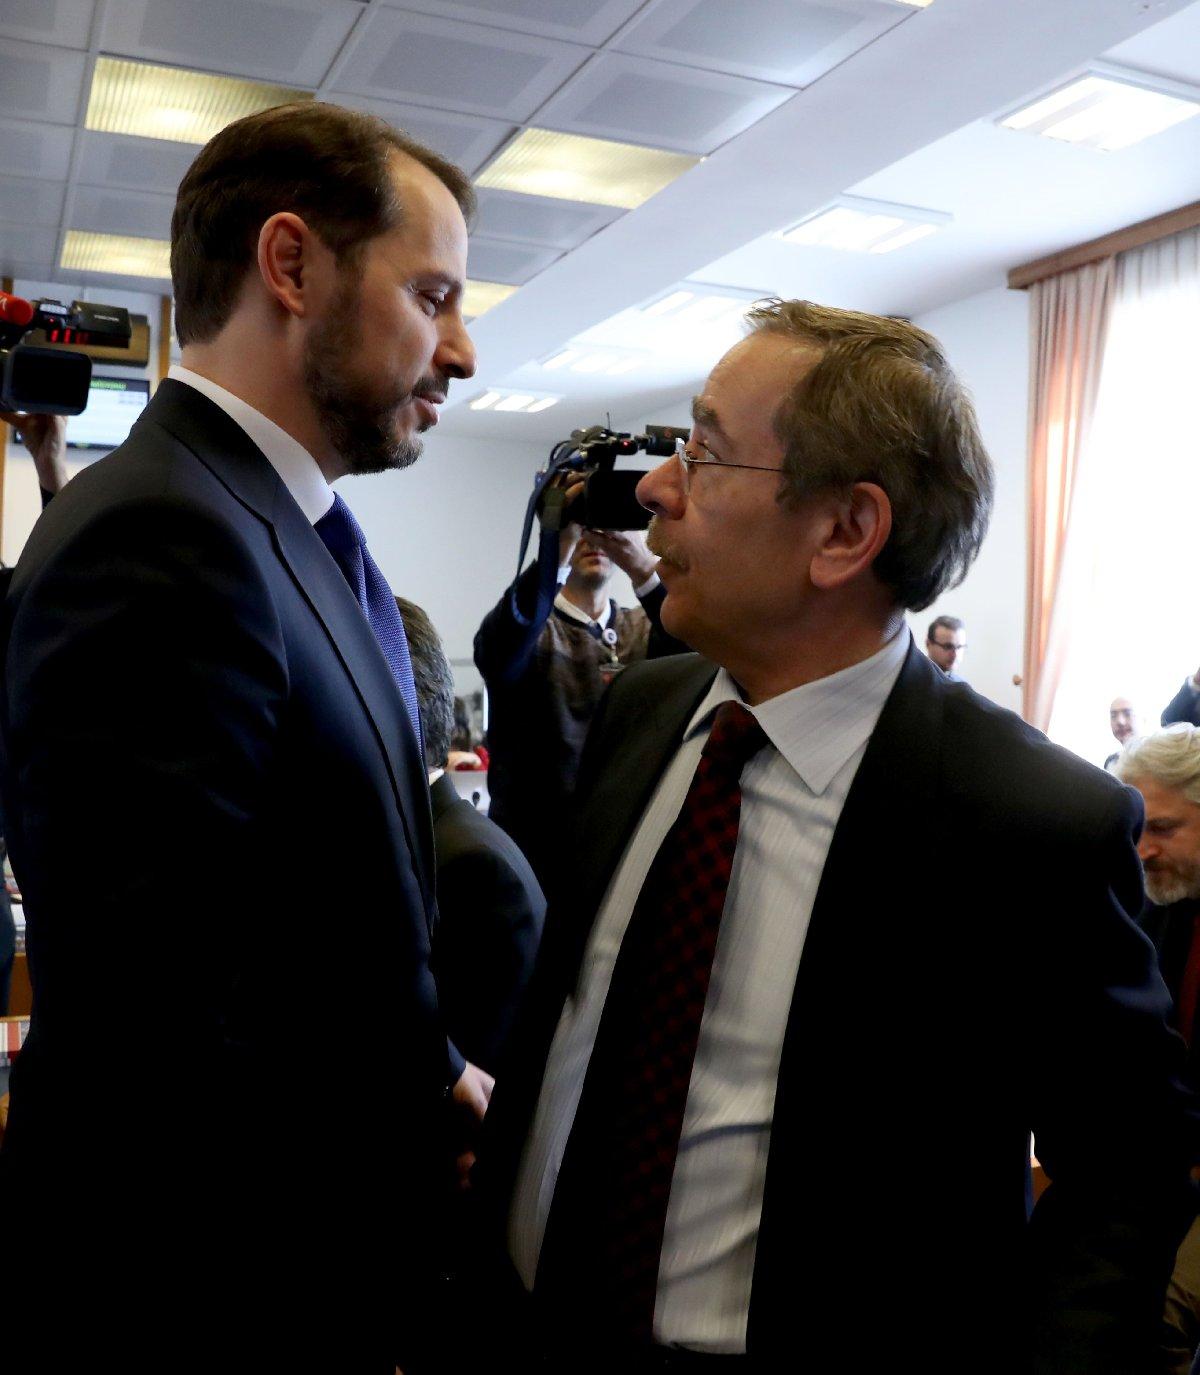 Eski AKP Genel Başkan Yardımcısı olan CHP Milletvekili Abdüllatif Şener ile Berat Albayrak komisyonda böyle karşılaştı. Fotoğraf: Yavuz Alatan